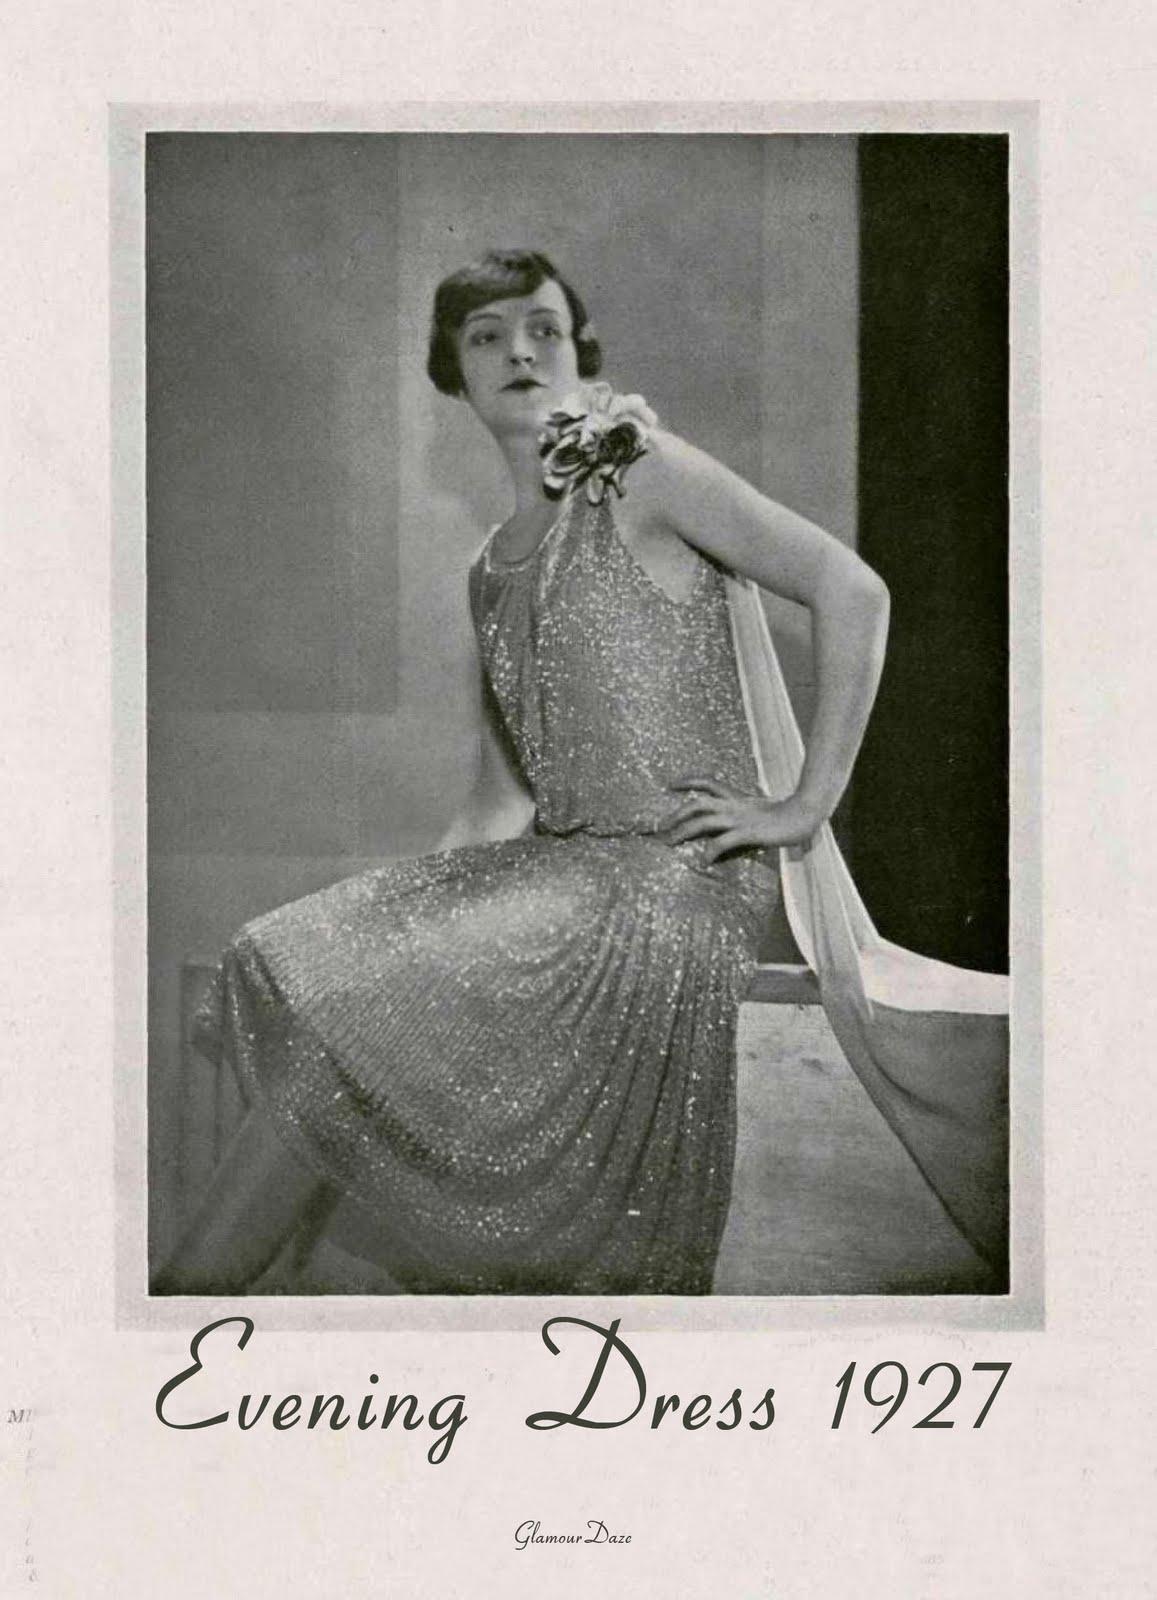 http://1.bp.blogspot.com/_kNo1dXol7a4/S-LackUmZyI/AAAAAAAABTc/y8Rl_muKj_I/s1600/evening+dress+1927+-+glamourdaze.jpg